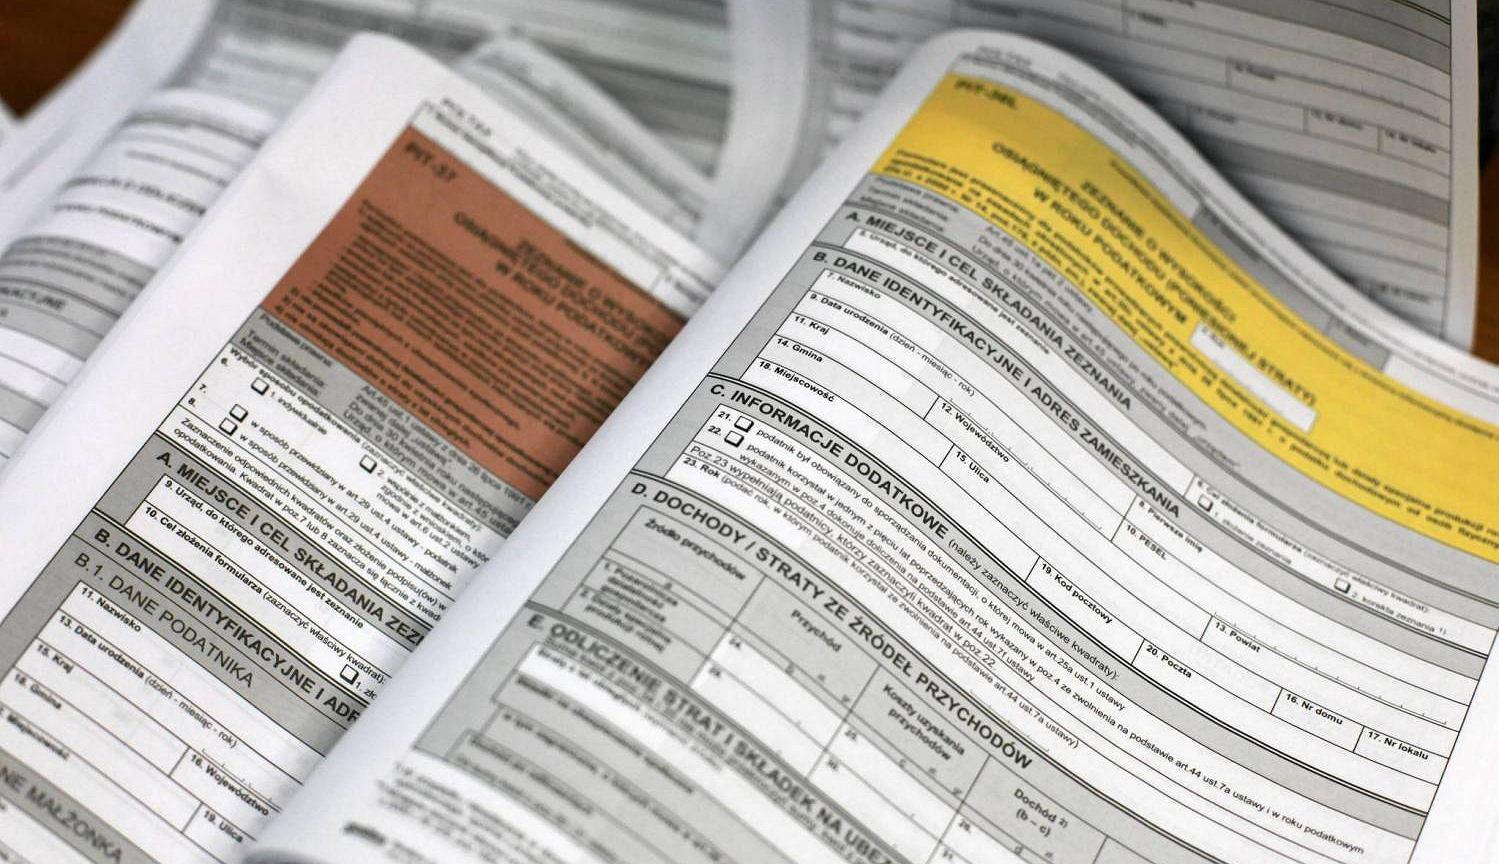 Mikrorachunek podatkowy od stycznia. Dotyczy też